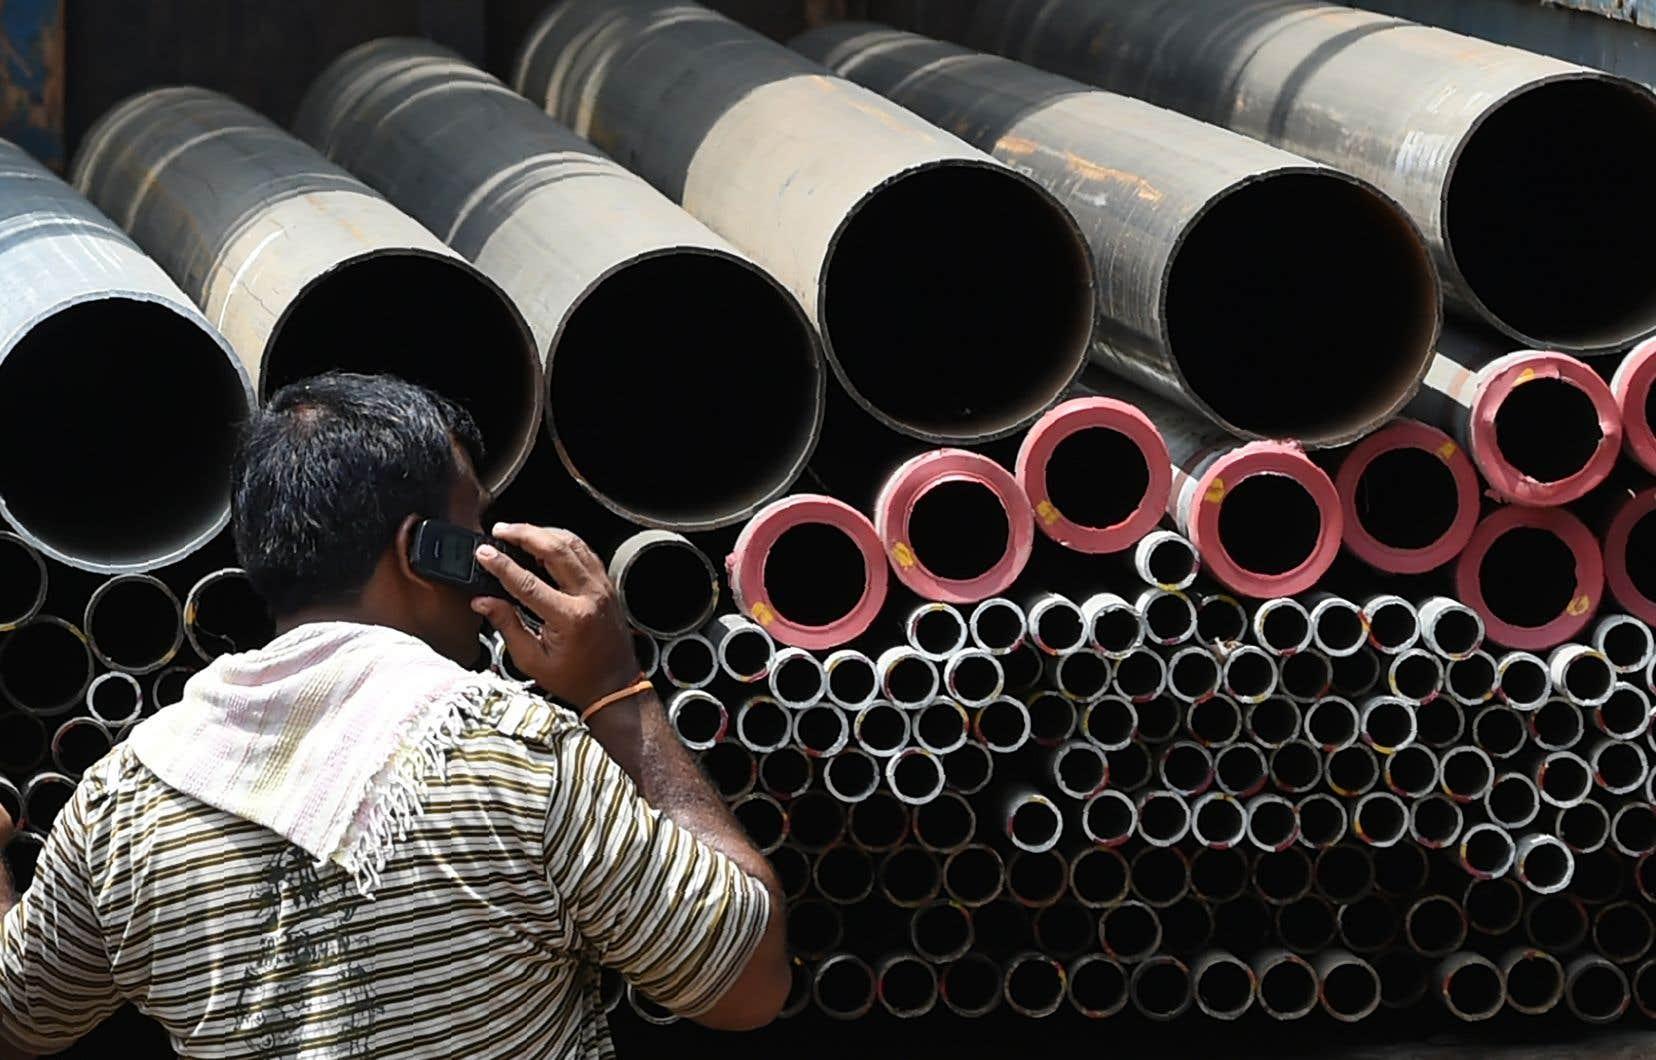 <p>Le président américain a annoncé des tarifs douaniers de 25% pour l'acier et de 10% pour l'aluminium jeudi.</p>